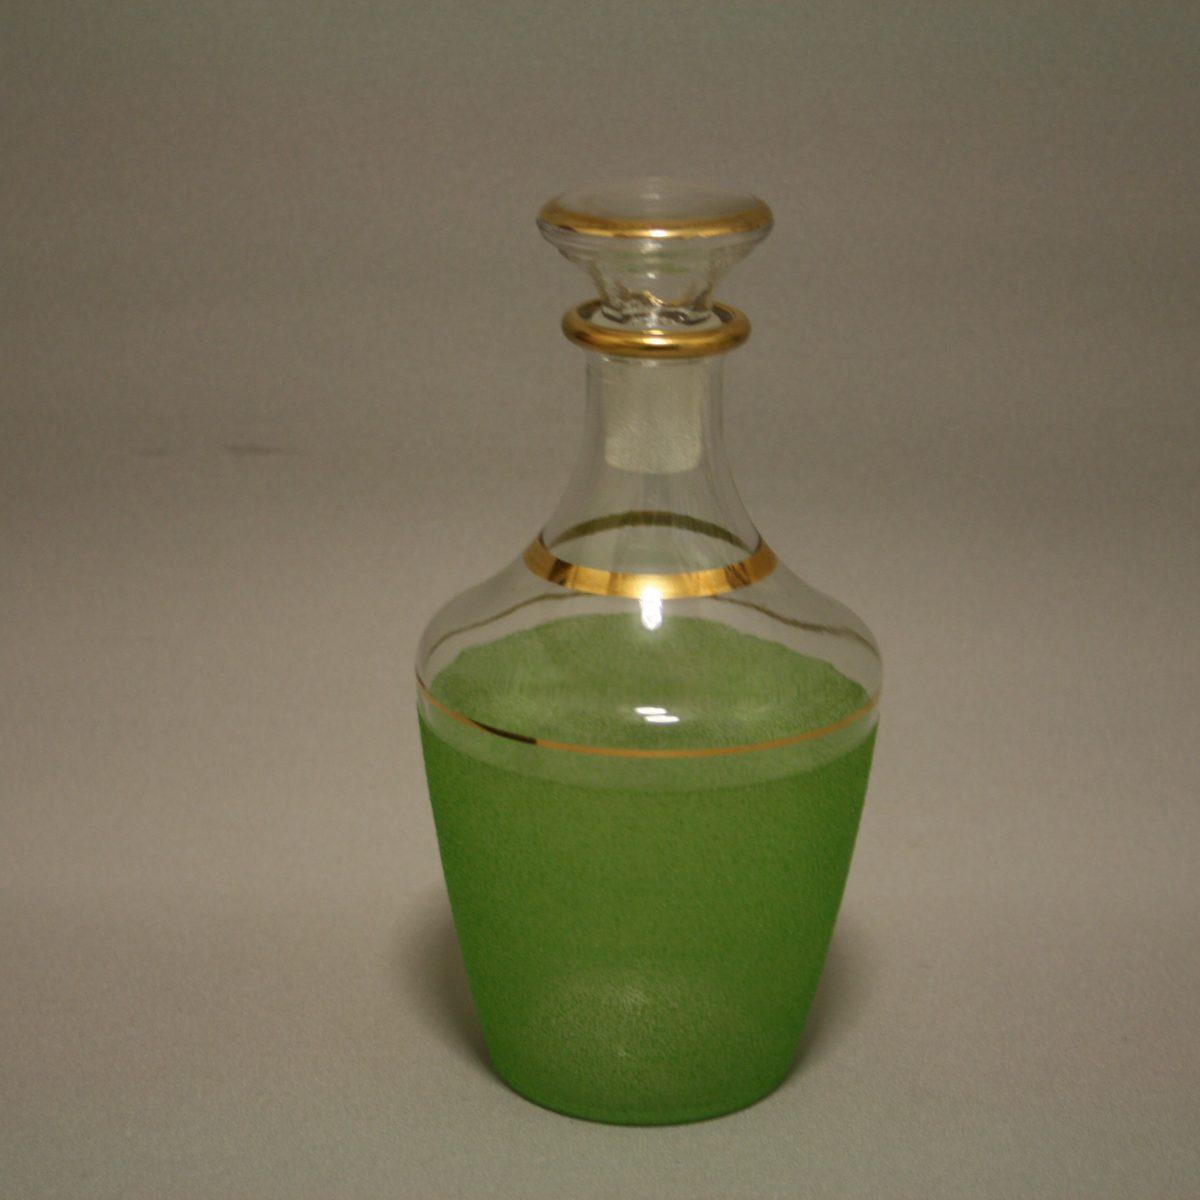 1930's glass decanter/williamsantiques